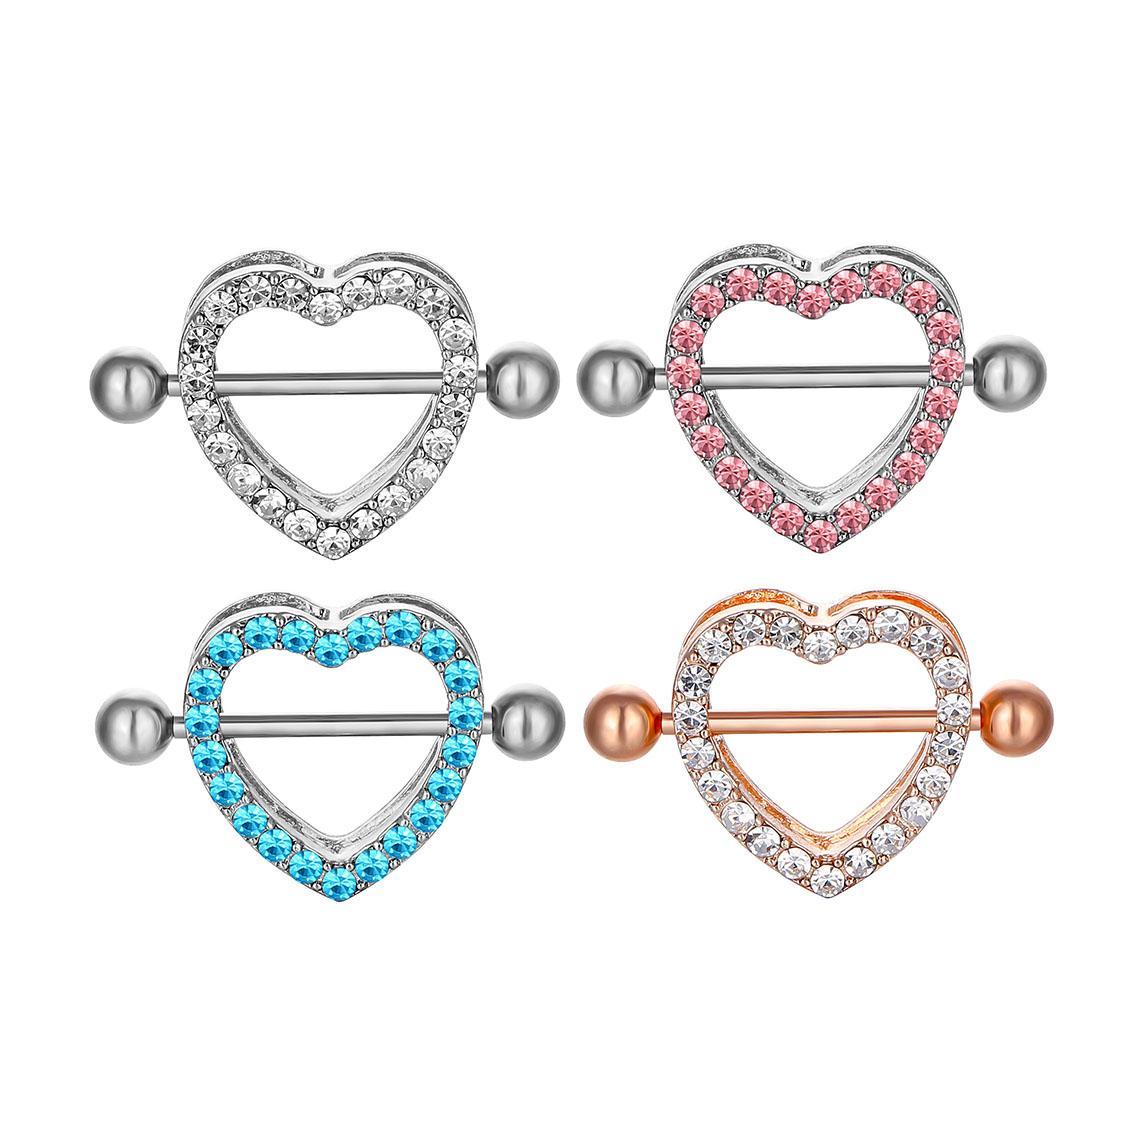 D0985 (5 ألوان) 1.6 * 20 ملليمتر مزيج حجر القلب نمط الحلمة حلقة ثقب المجوهرات